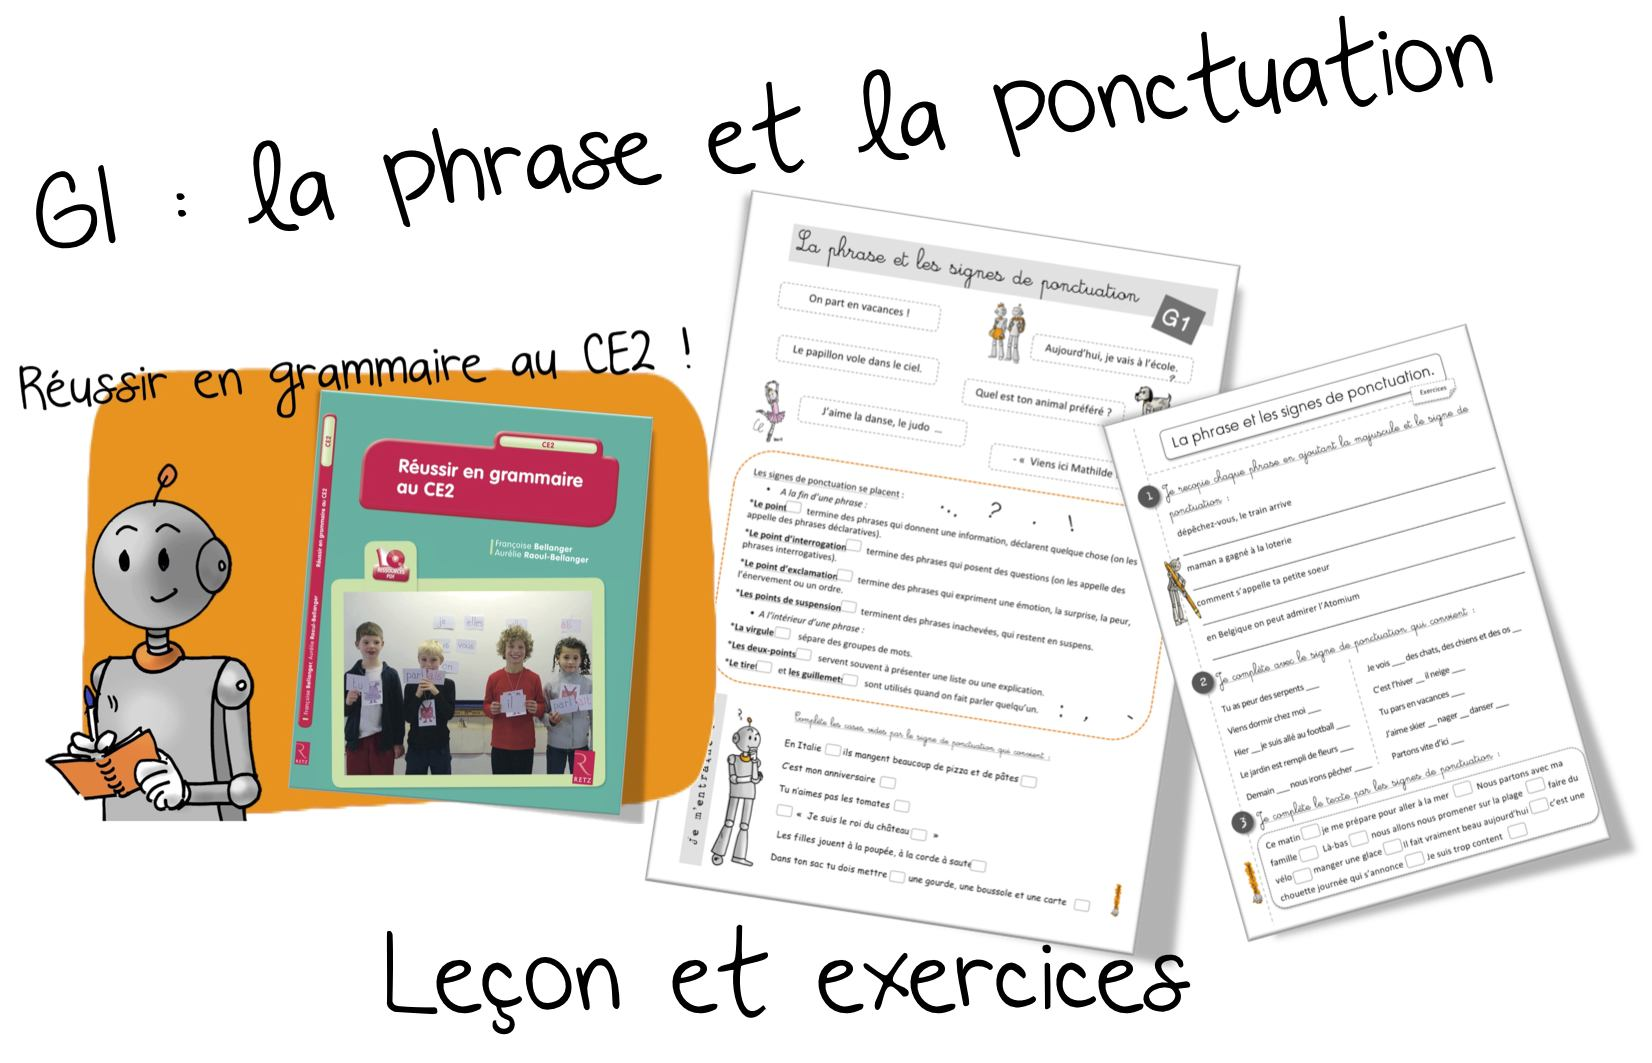 Reussir En Grammaire Au Ce2 G1 La Phrase Et La Ponctuation Bout De Gomme